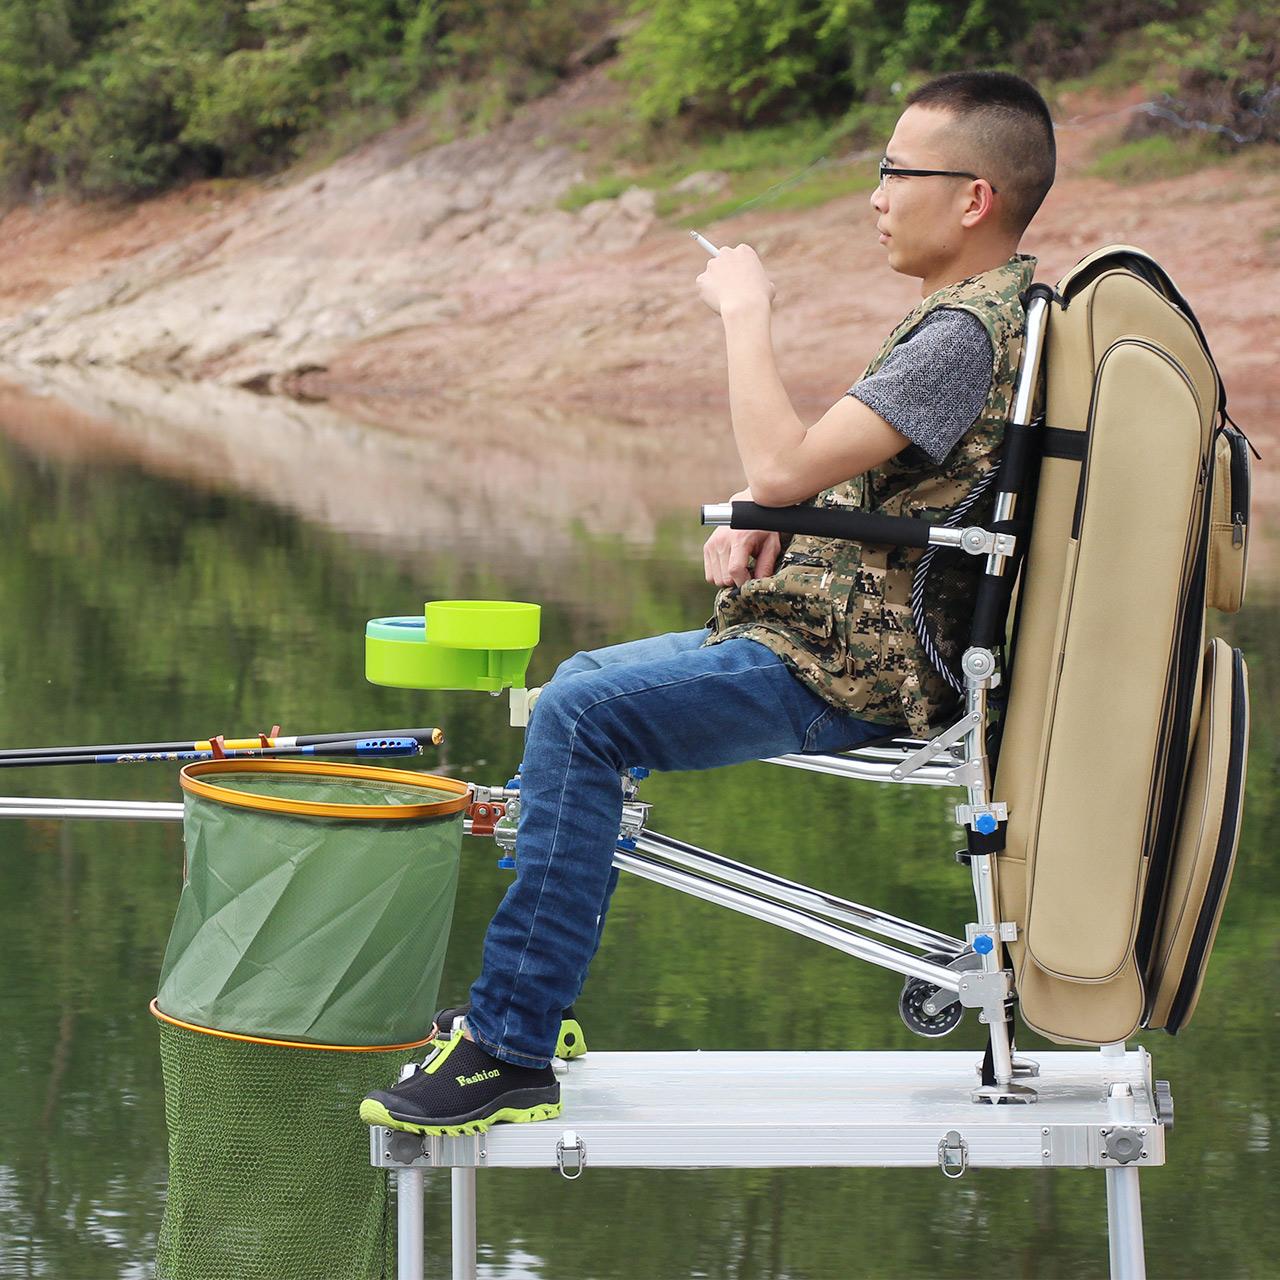 吉立莱 钓椅 钓鱼椅子钓鱼凳折叠便捷垂钓椅台钓椅2018新款航母A